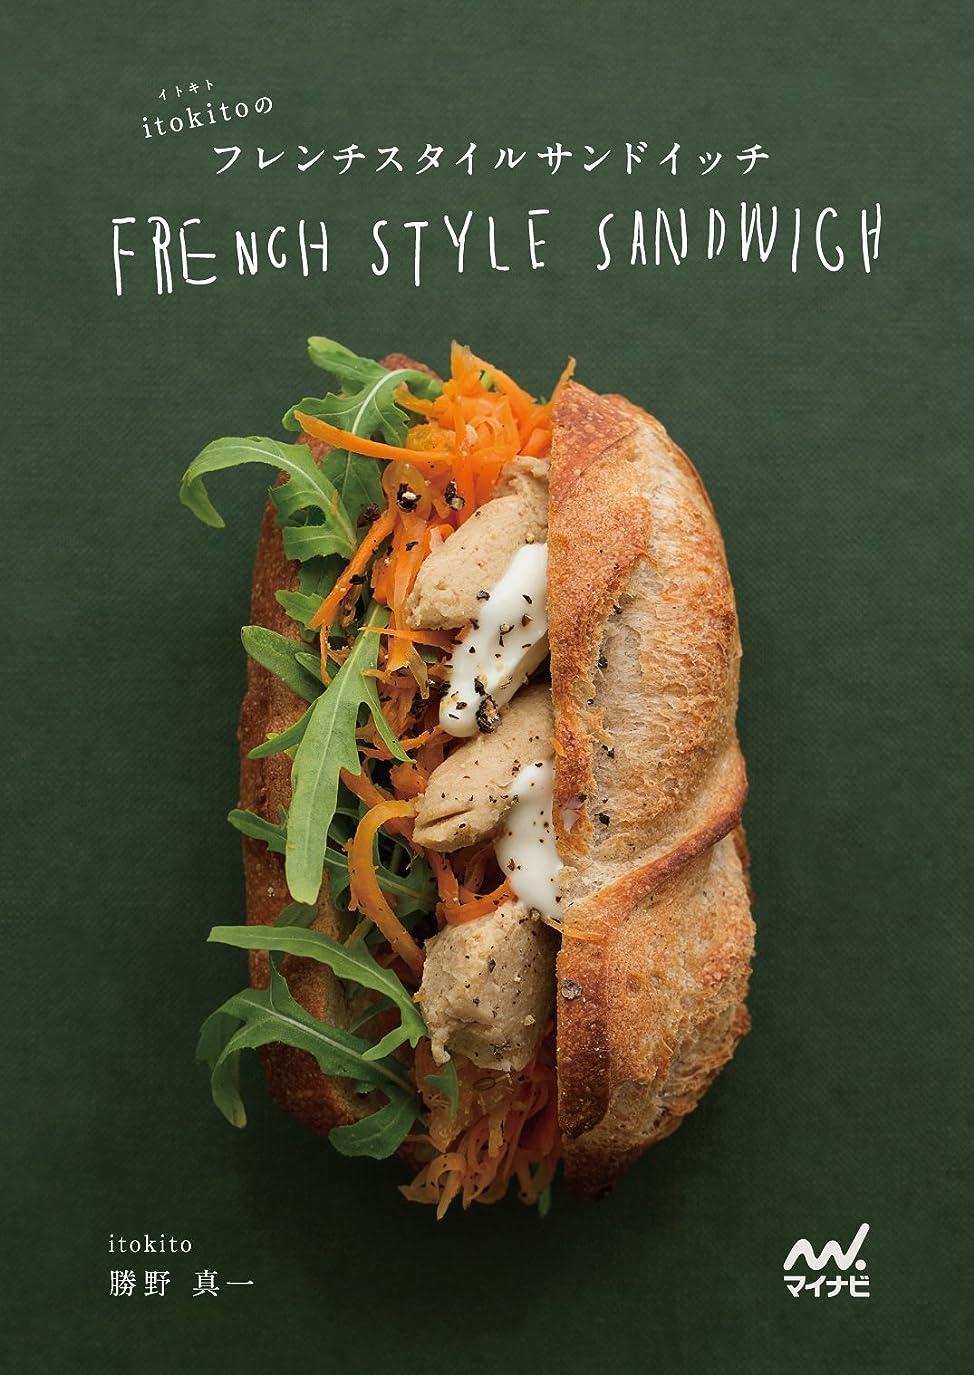 中央値入学する歌手イトキトのフレンチスタイルサンドイッチ